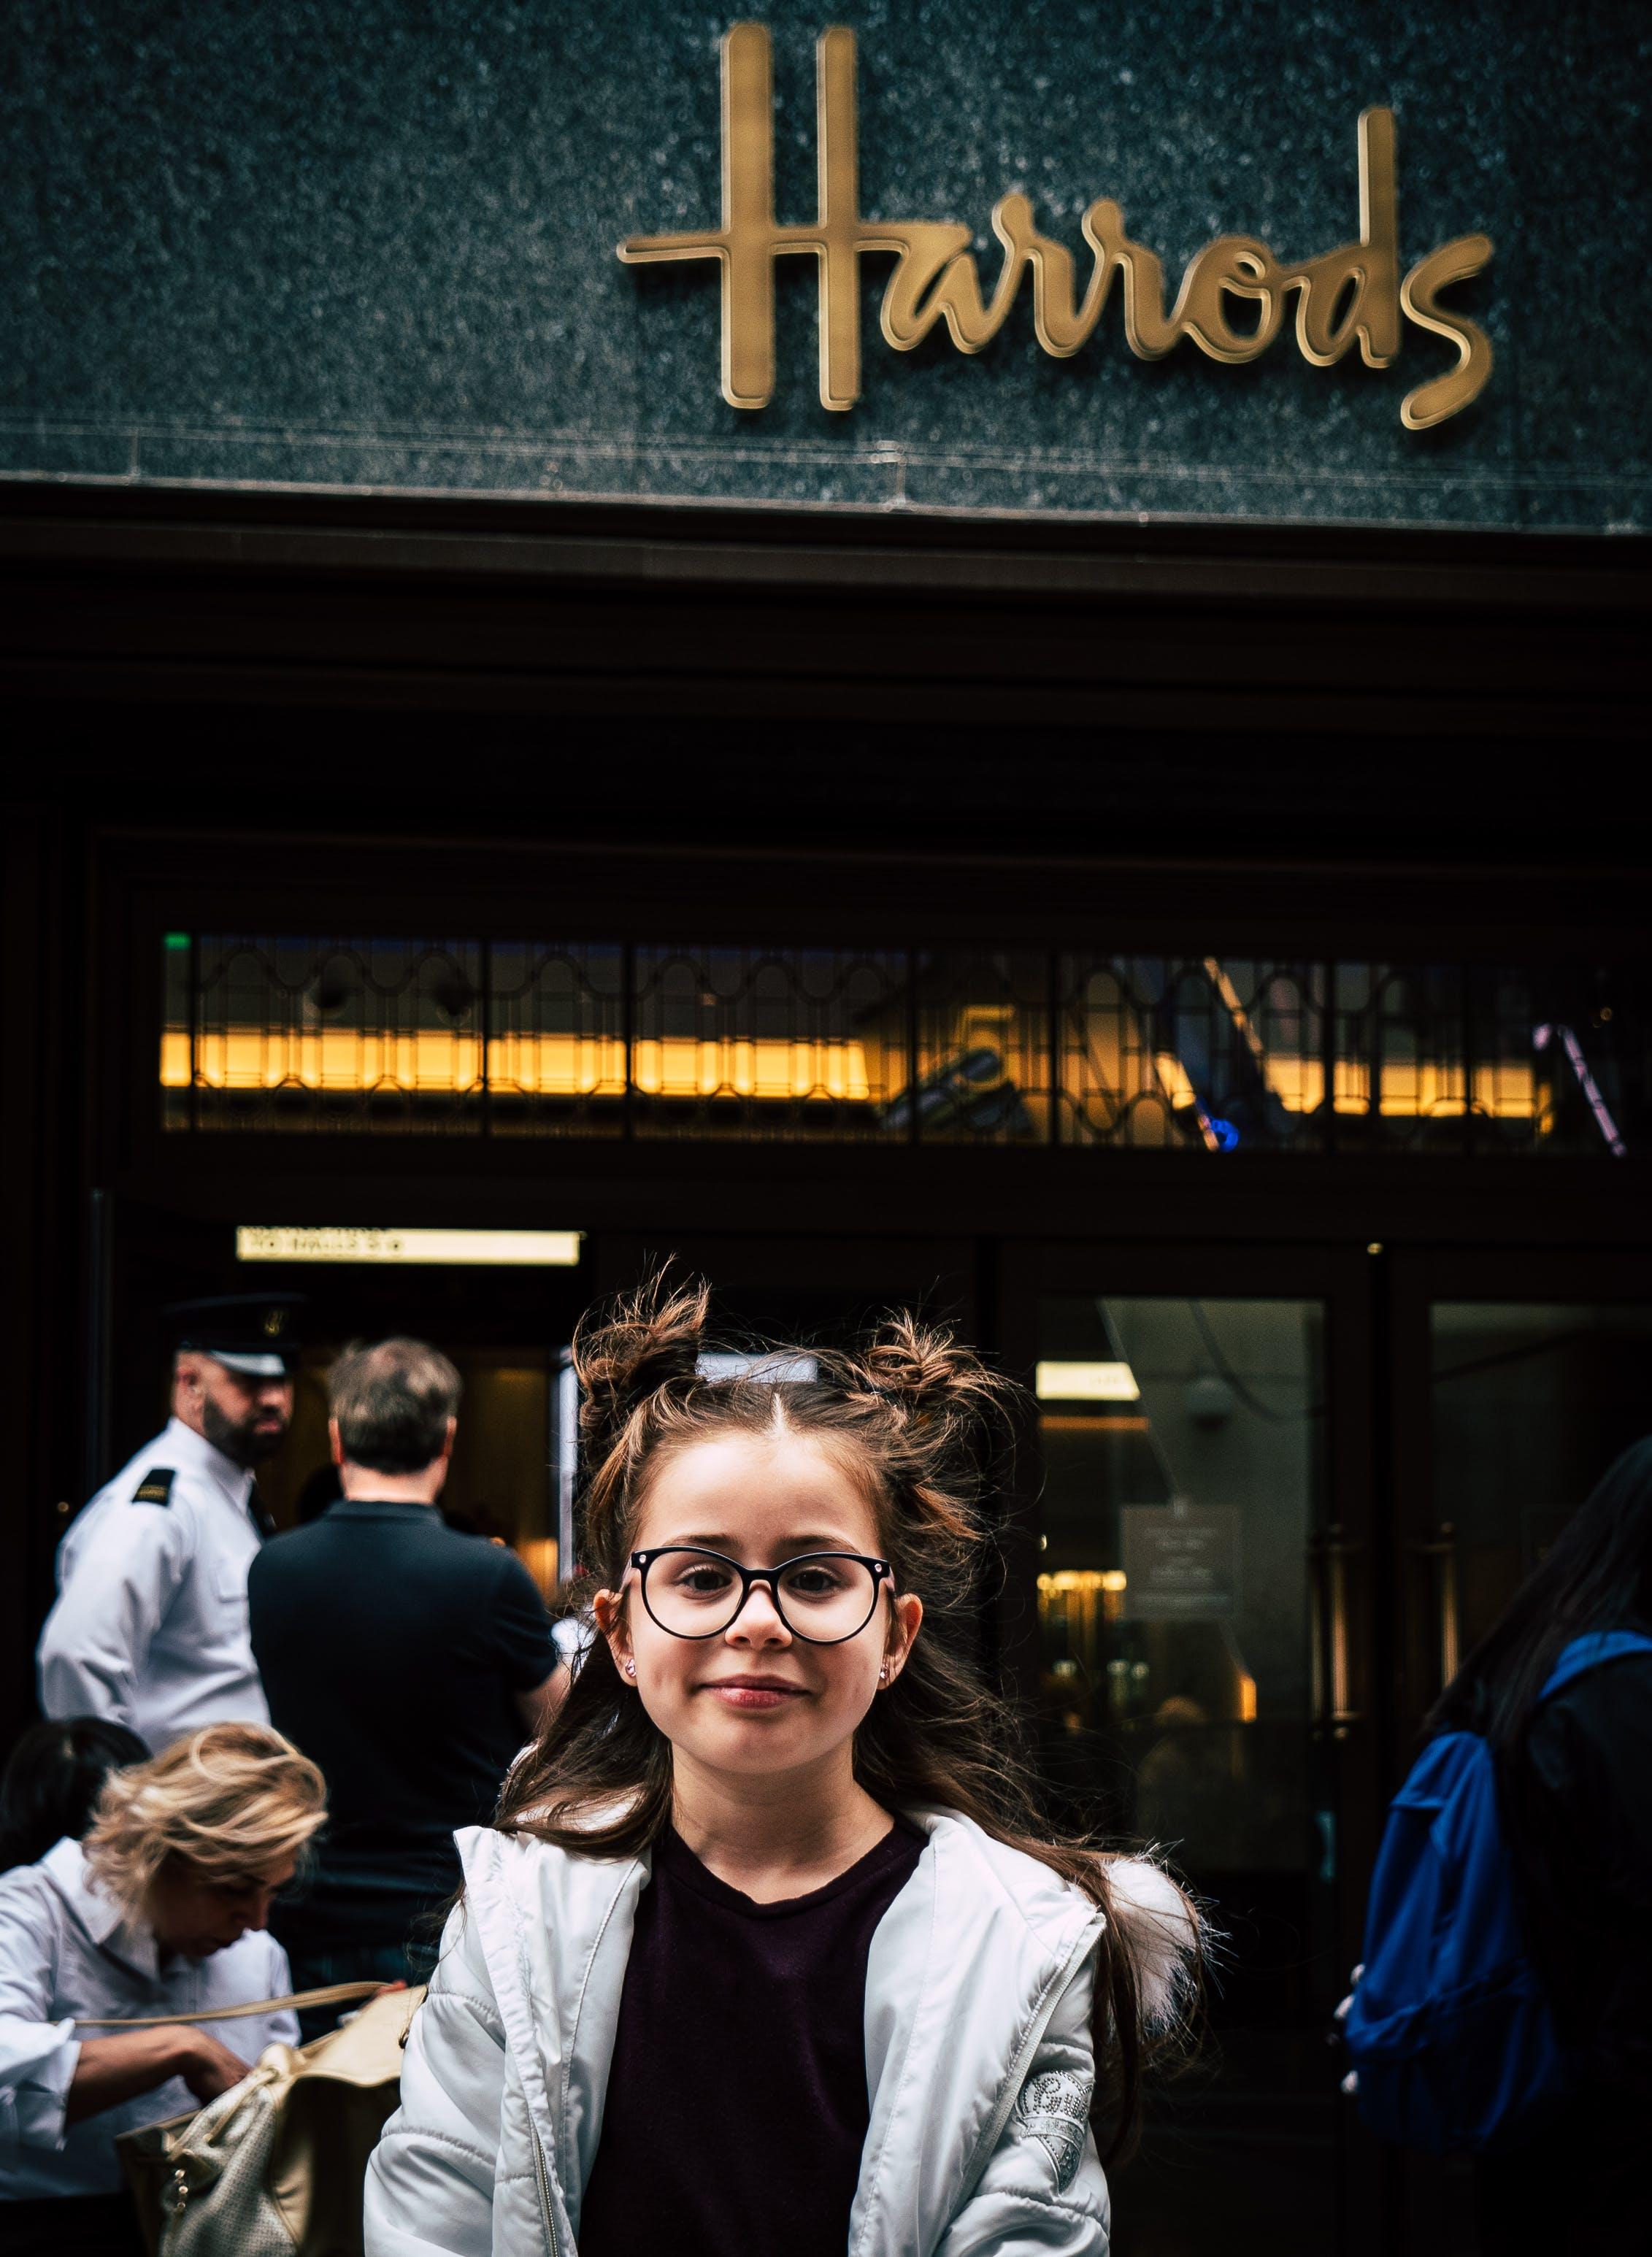 倫敦, 可愛, 可愛的女孩, 哈羅茲 的 免費圖庫相片